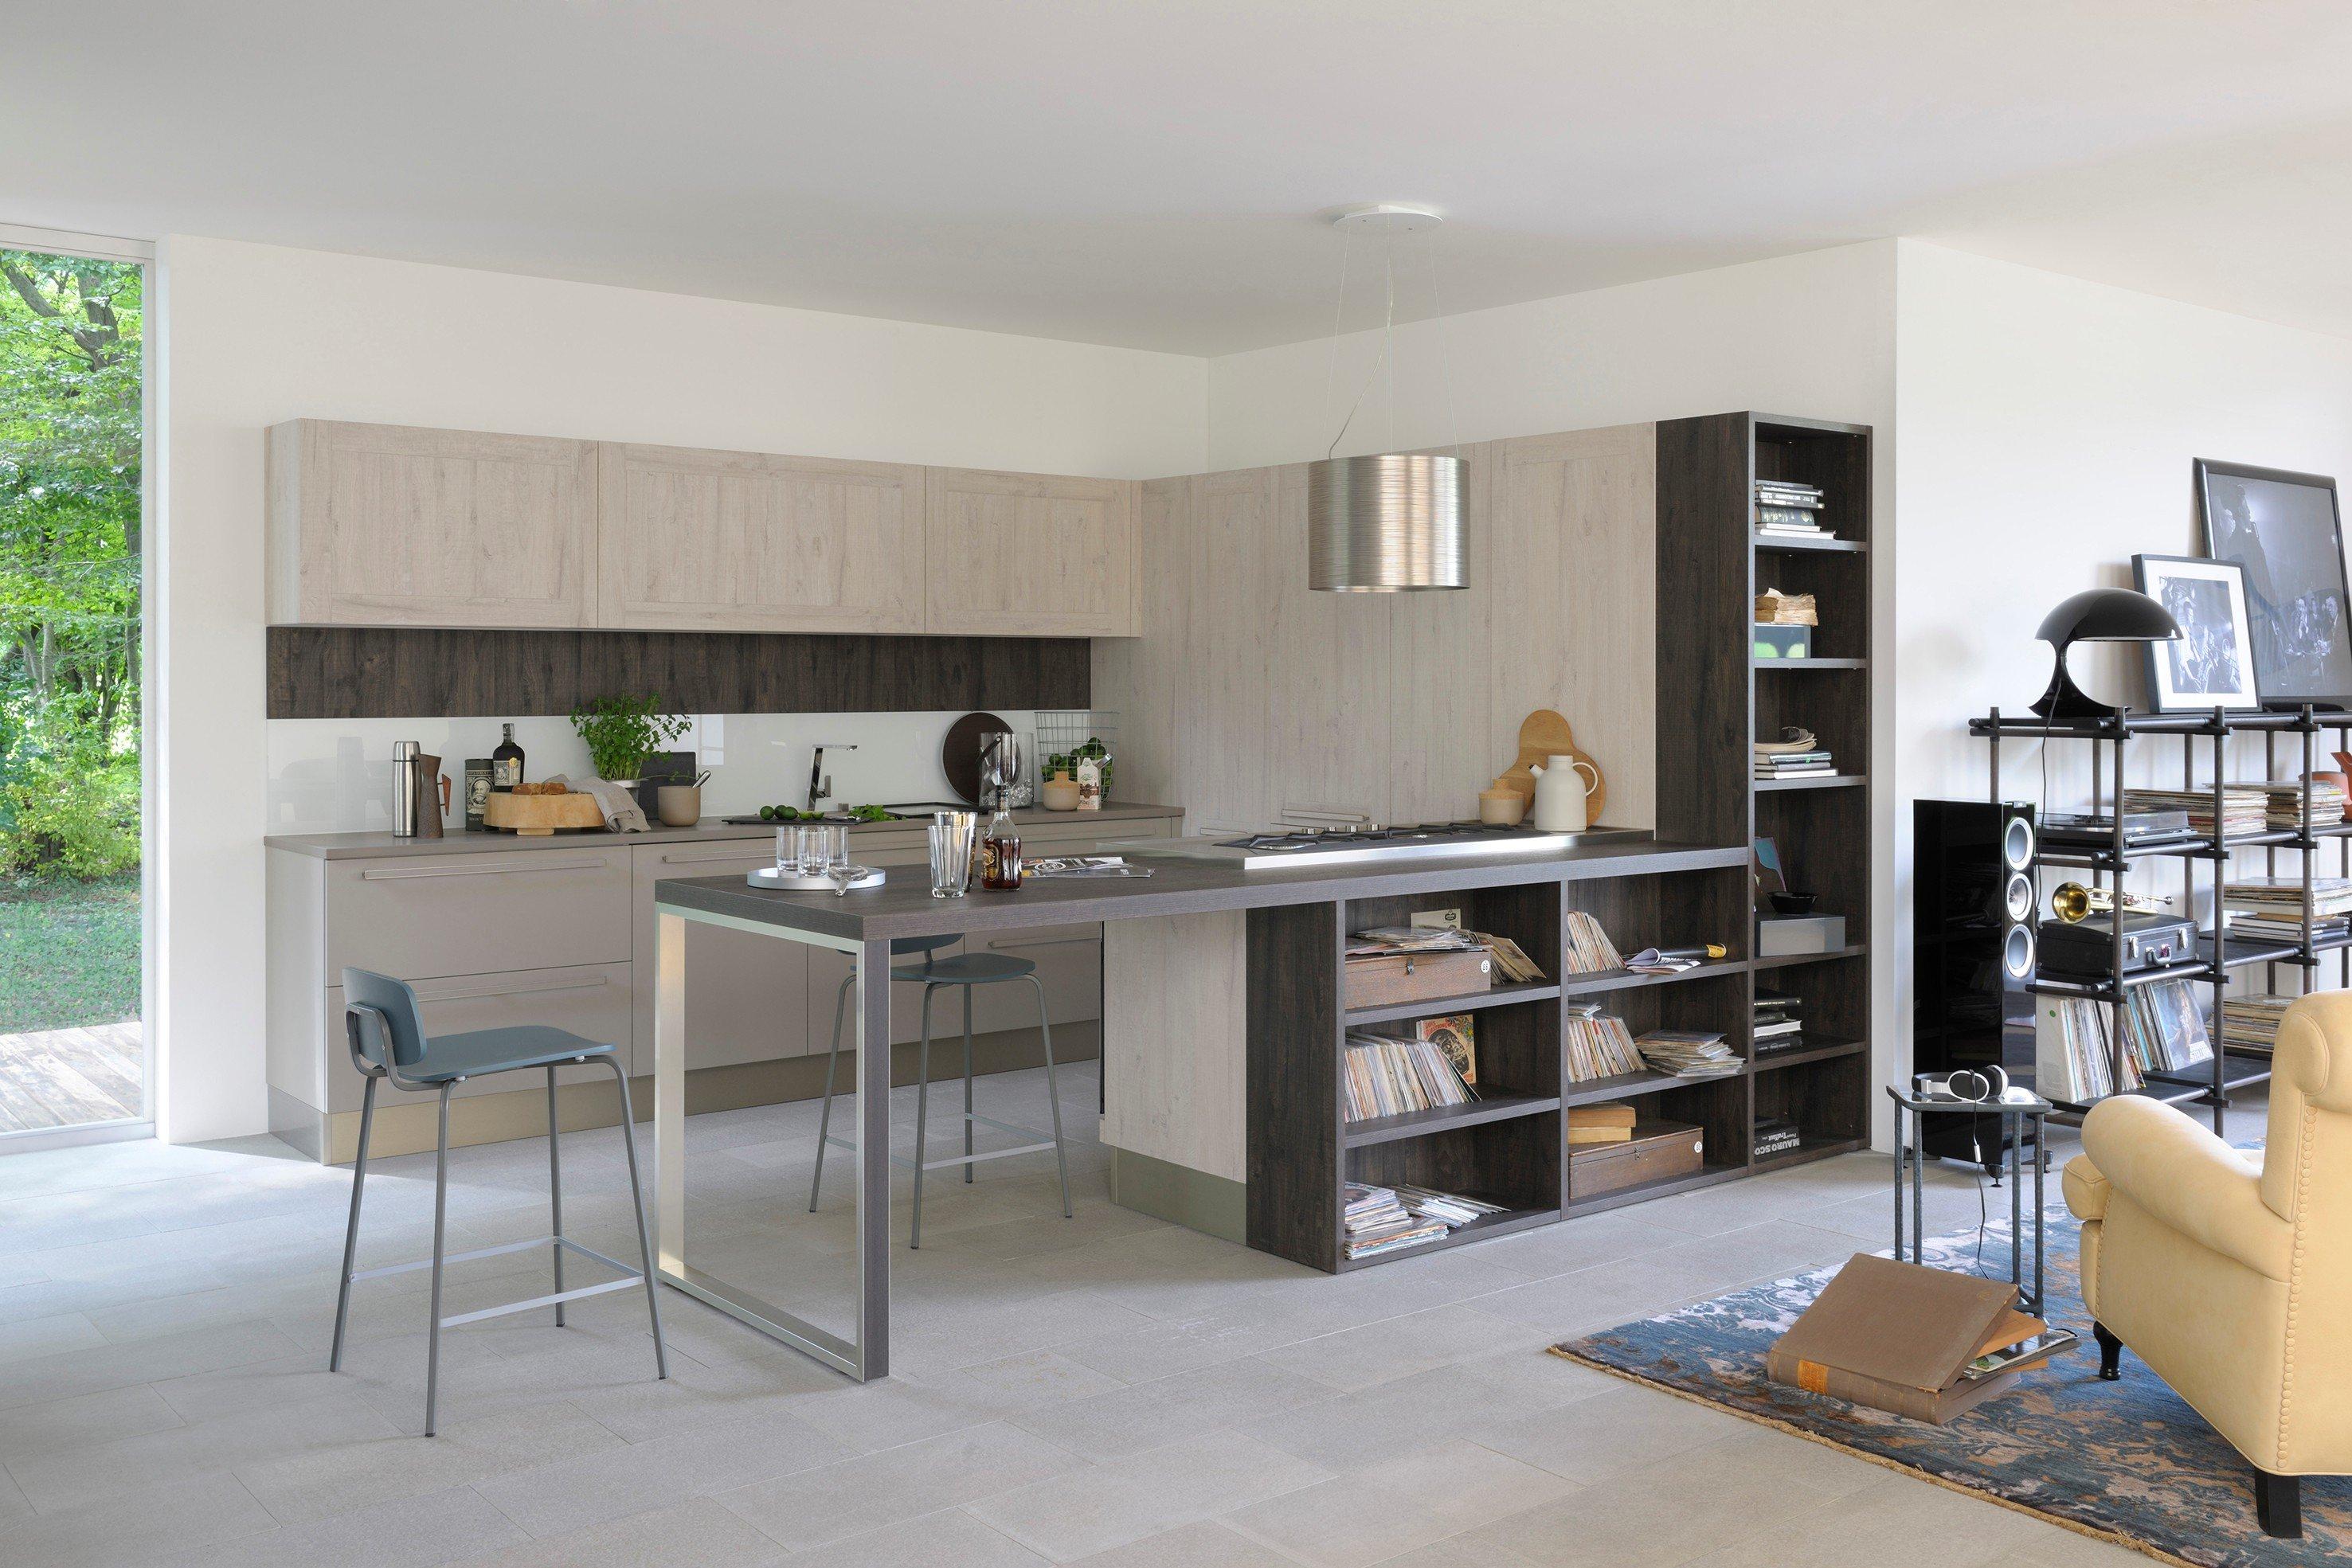 cucine e materiali - arredamento - cose di casa - Cose Di Casa Cucine